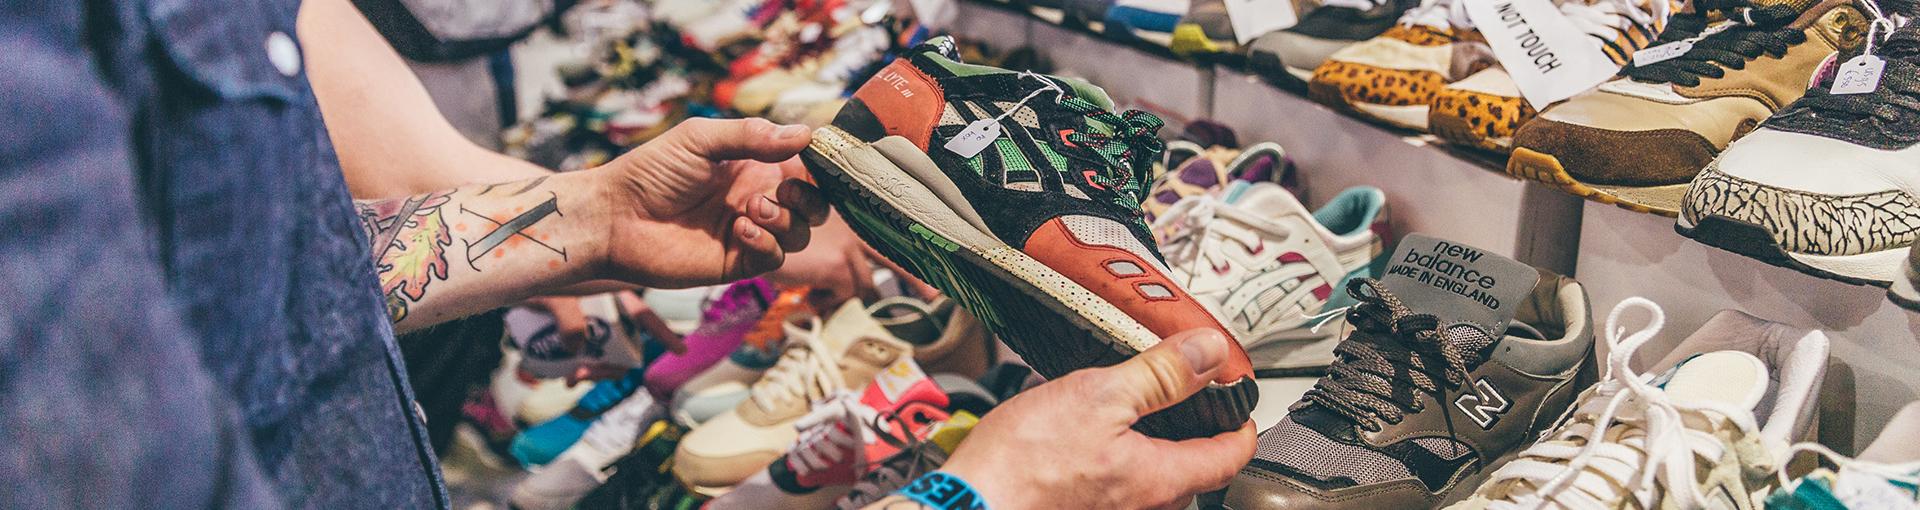 sneakerweekender